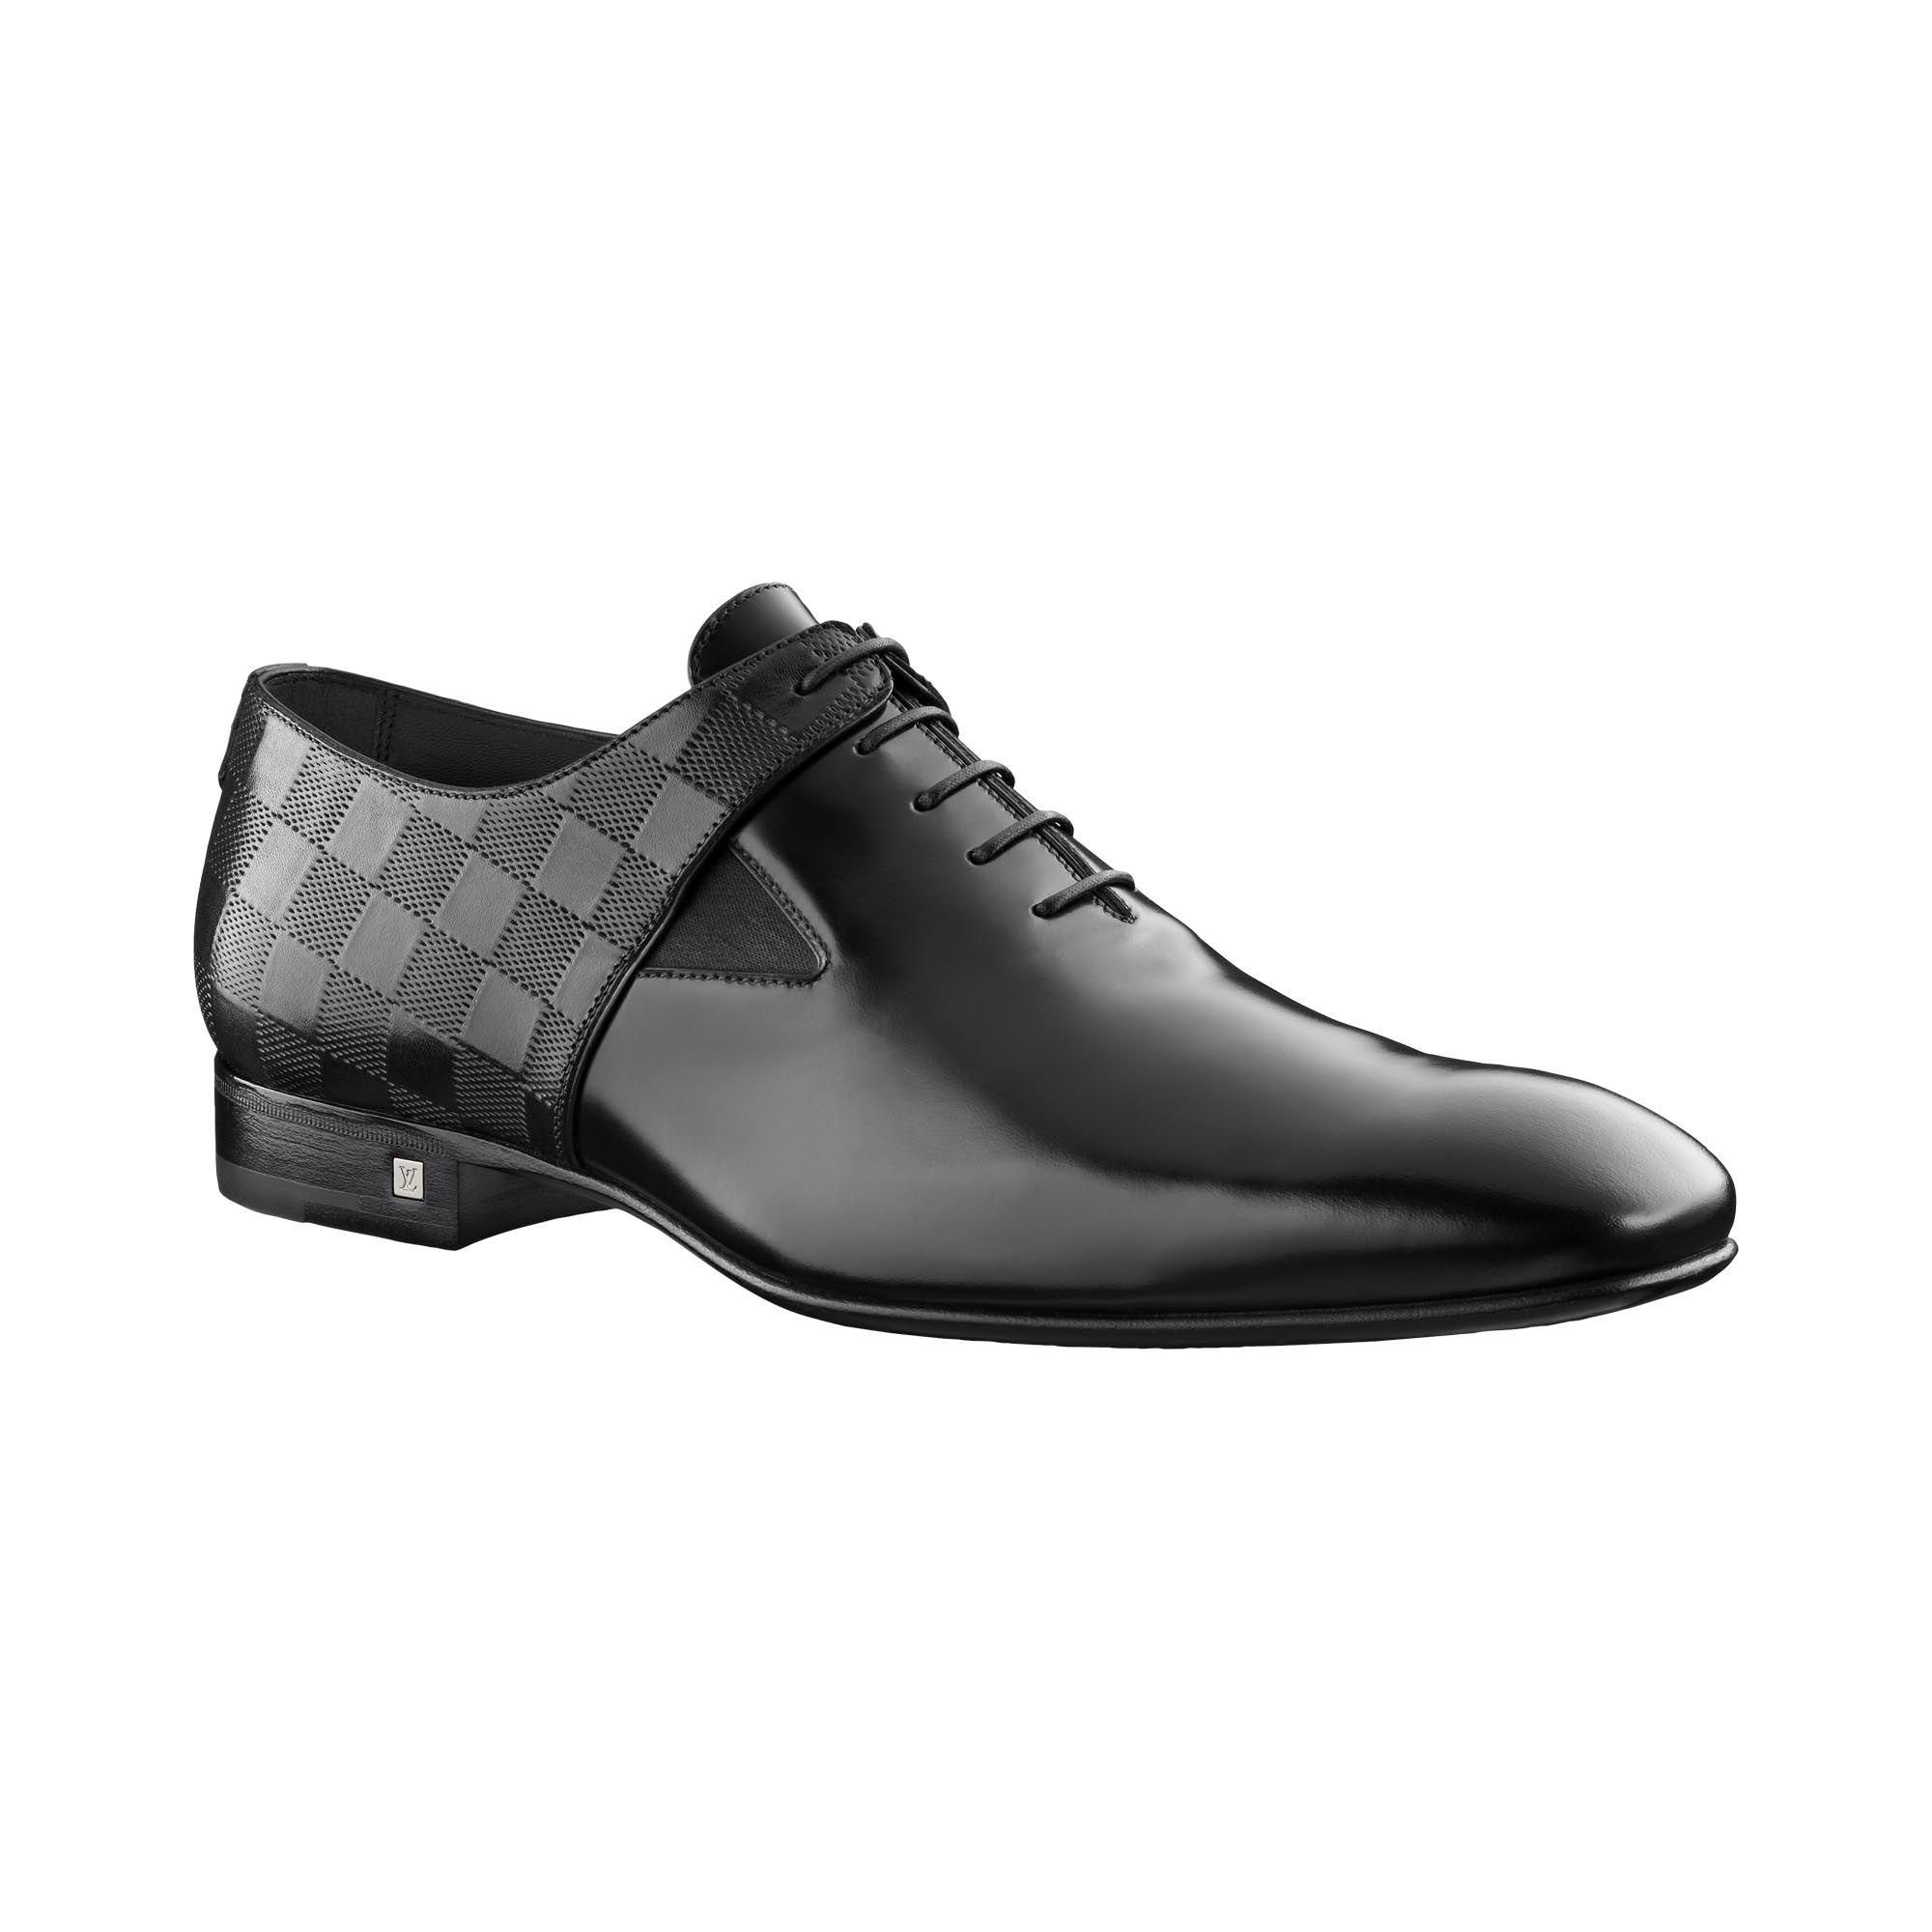 Louis Vuitton Cool Men 39 S Shoes Louis Vuitton Men Shoes